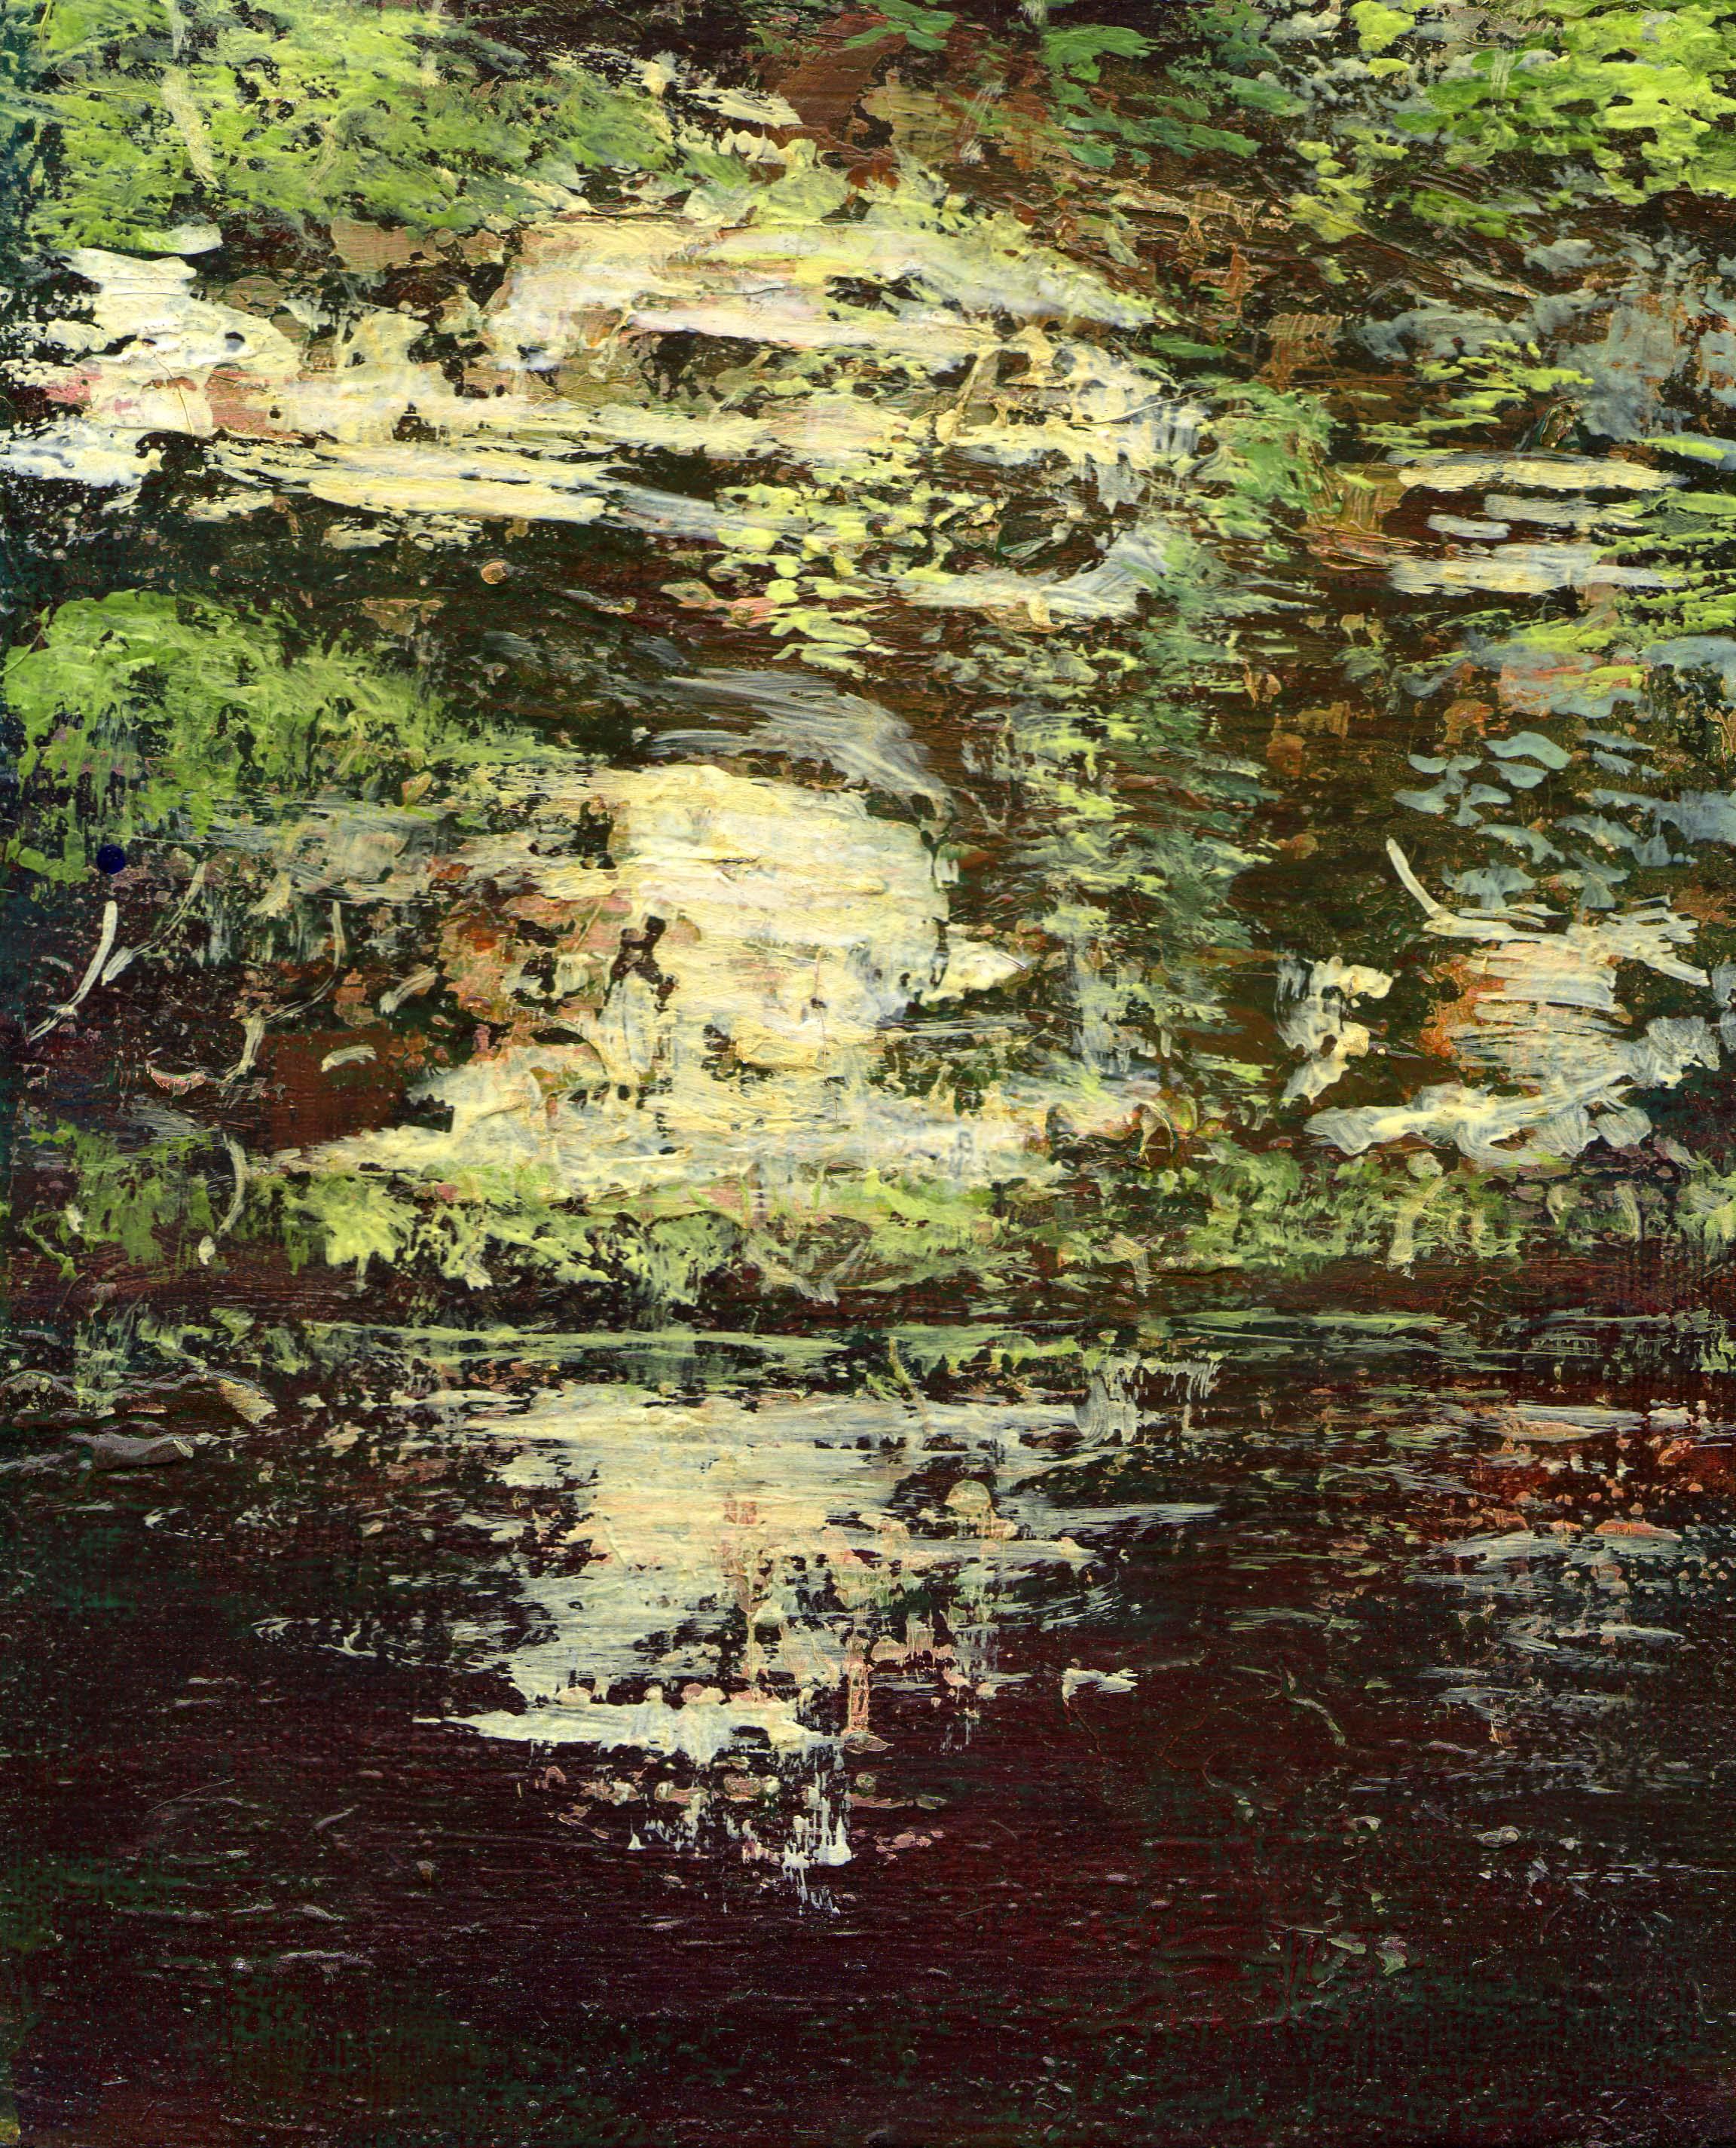 Almond river rocks 1